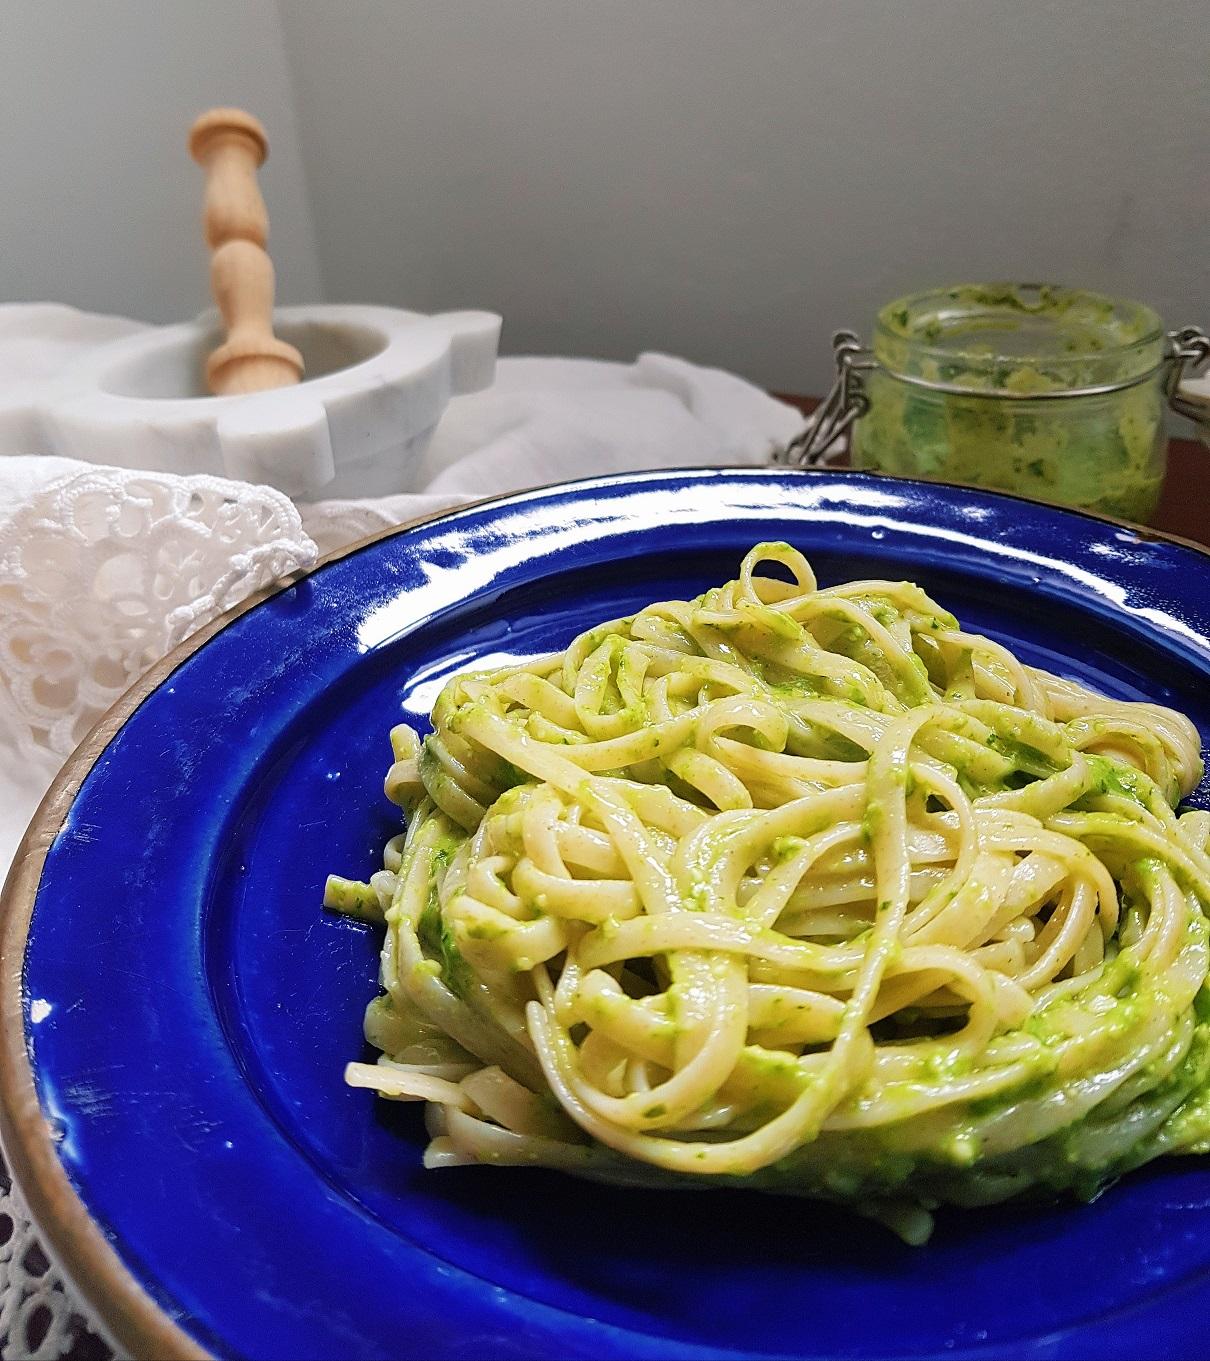 questa immagine rappresenta le Trenette al pesto vegetale ricetta di pasticciandoconlafranca